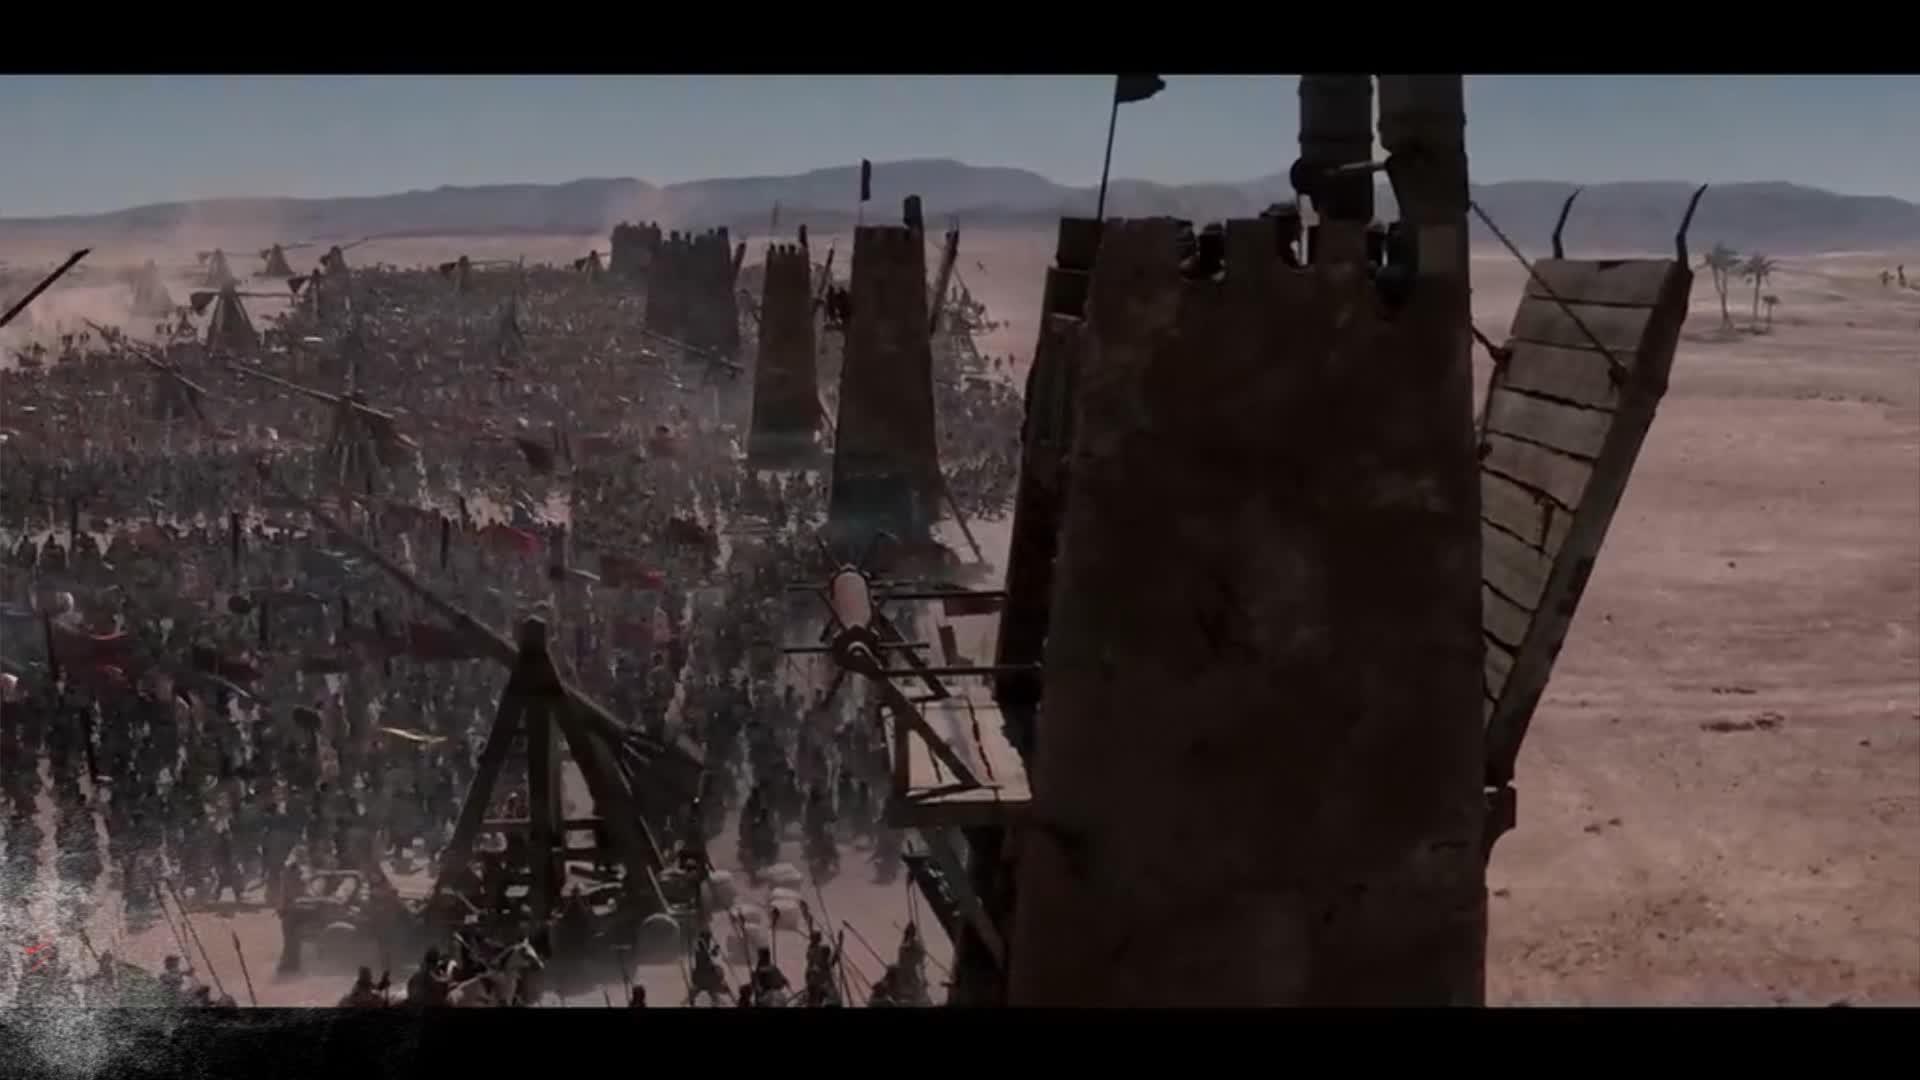 票房惨淡 口碑爆好的战争大片,带你穿越场面宏大的冷兵器时代